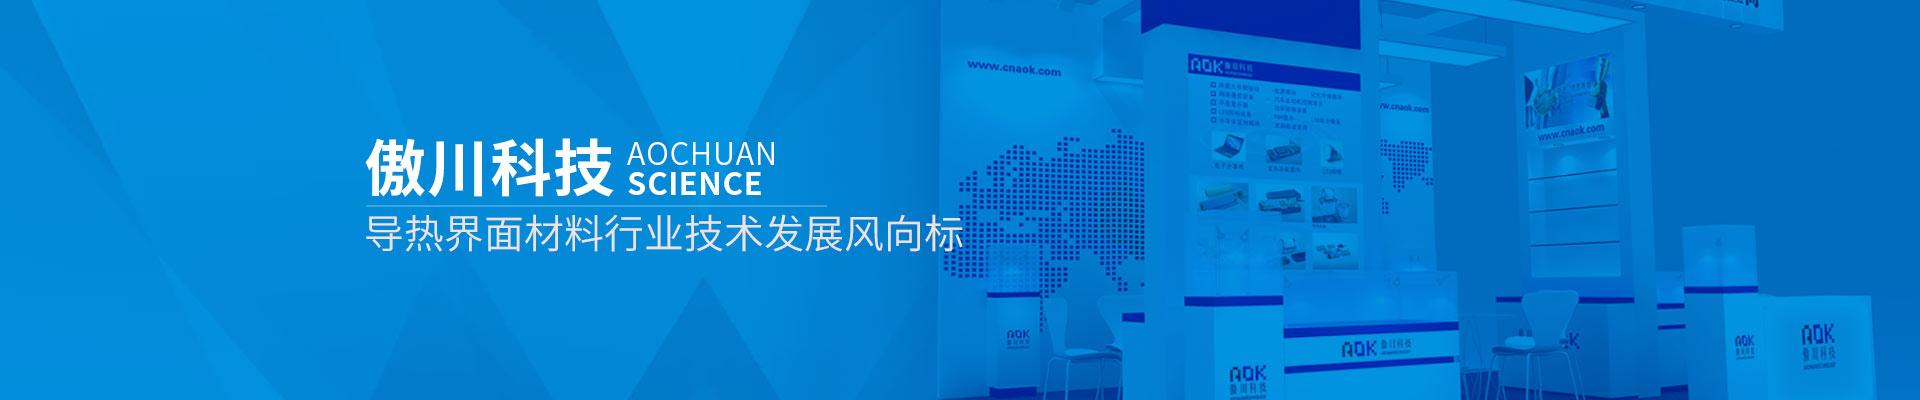 傲川科技,导热界面材料行业技术发展风向标